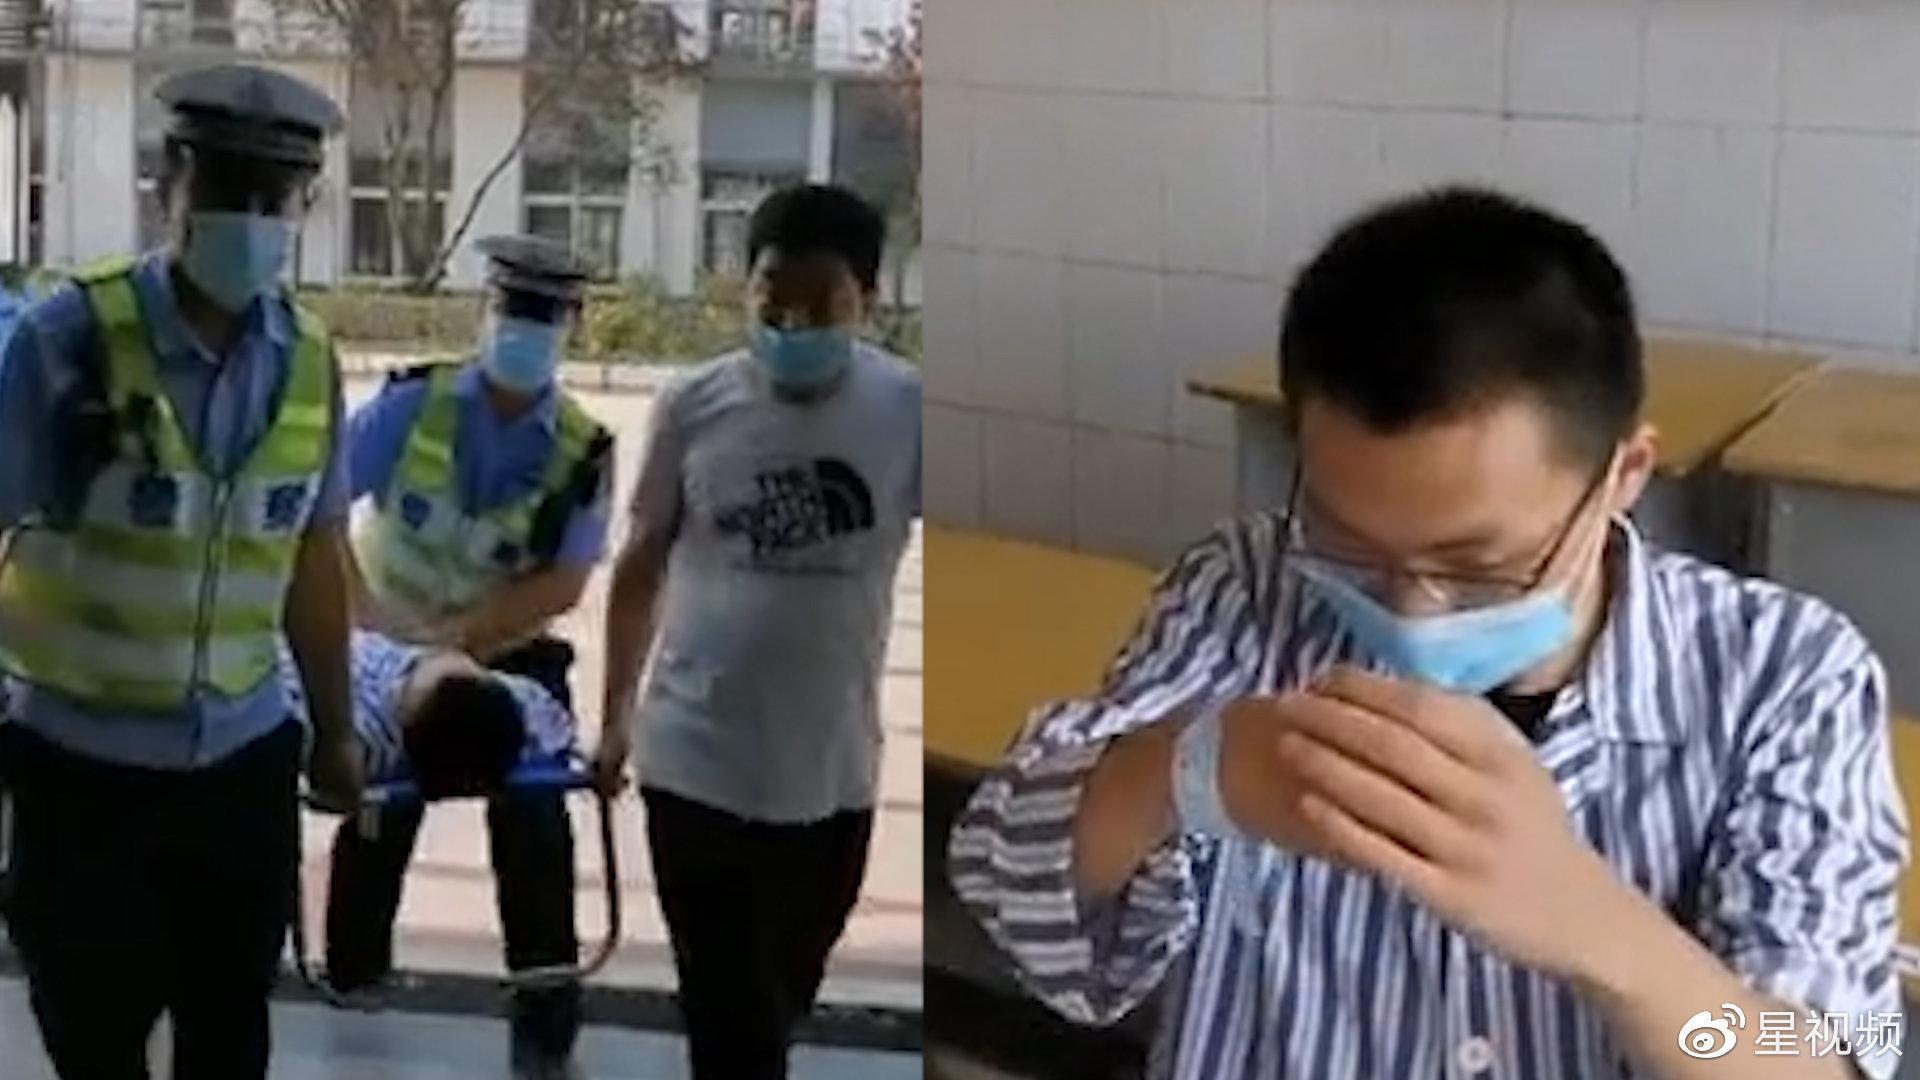 考生高考前突发阑尾炎,做完手术行走困难,民警一路抬进考场